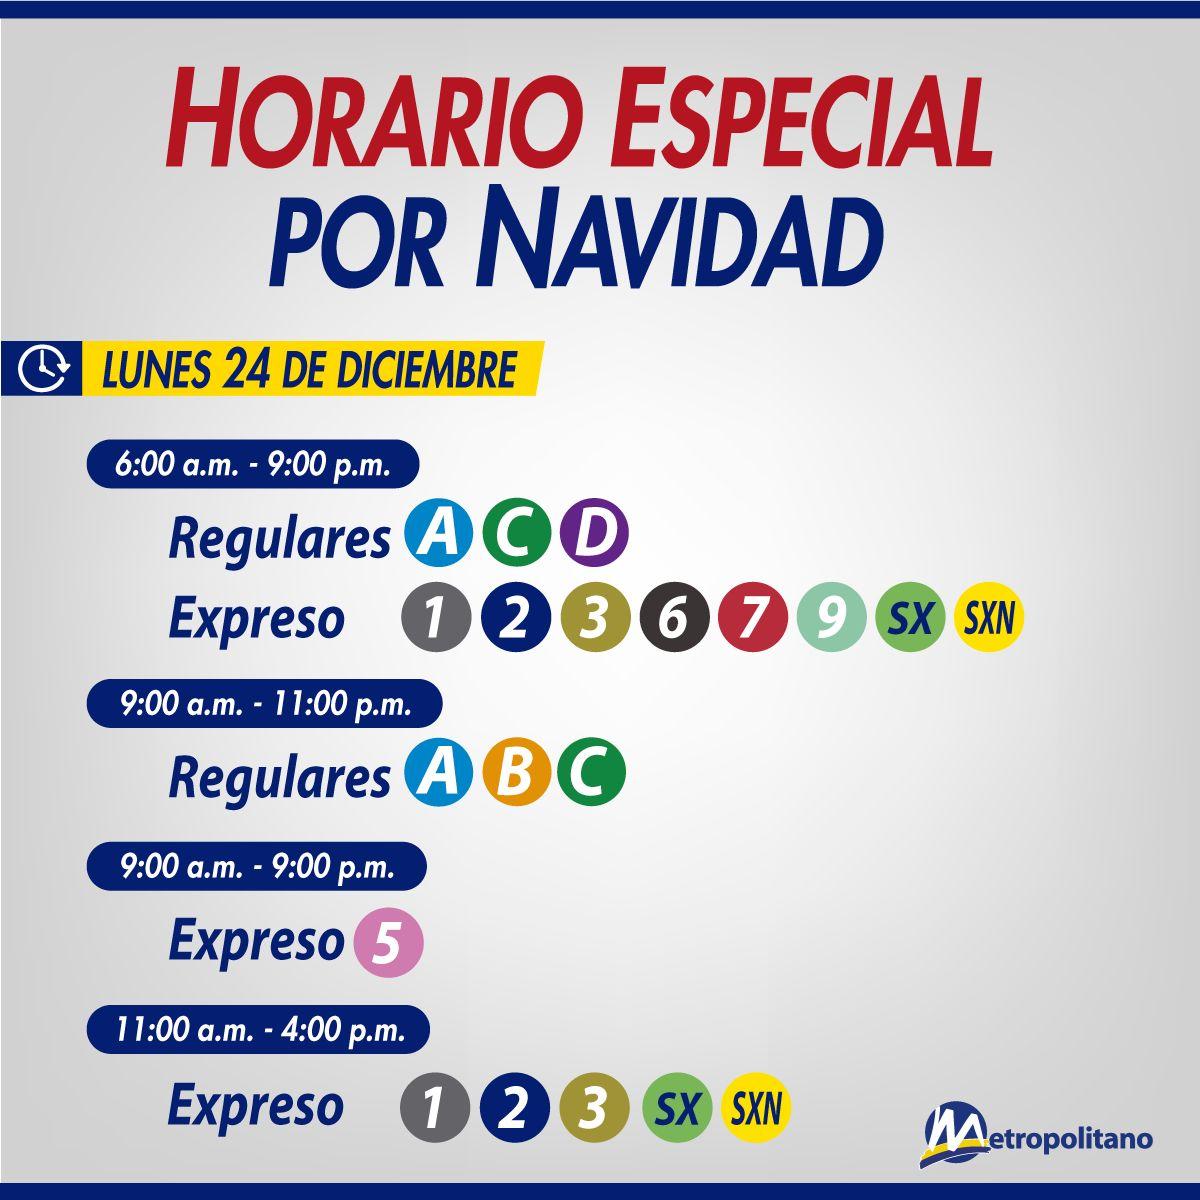 Horario del Metropolitano para el 24 de diciembre. (Foto: Municipalidad de Lima)